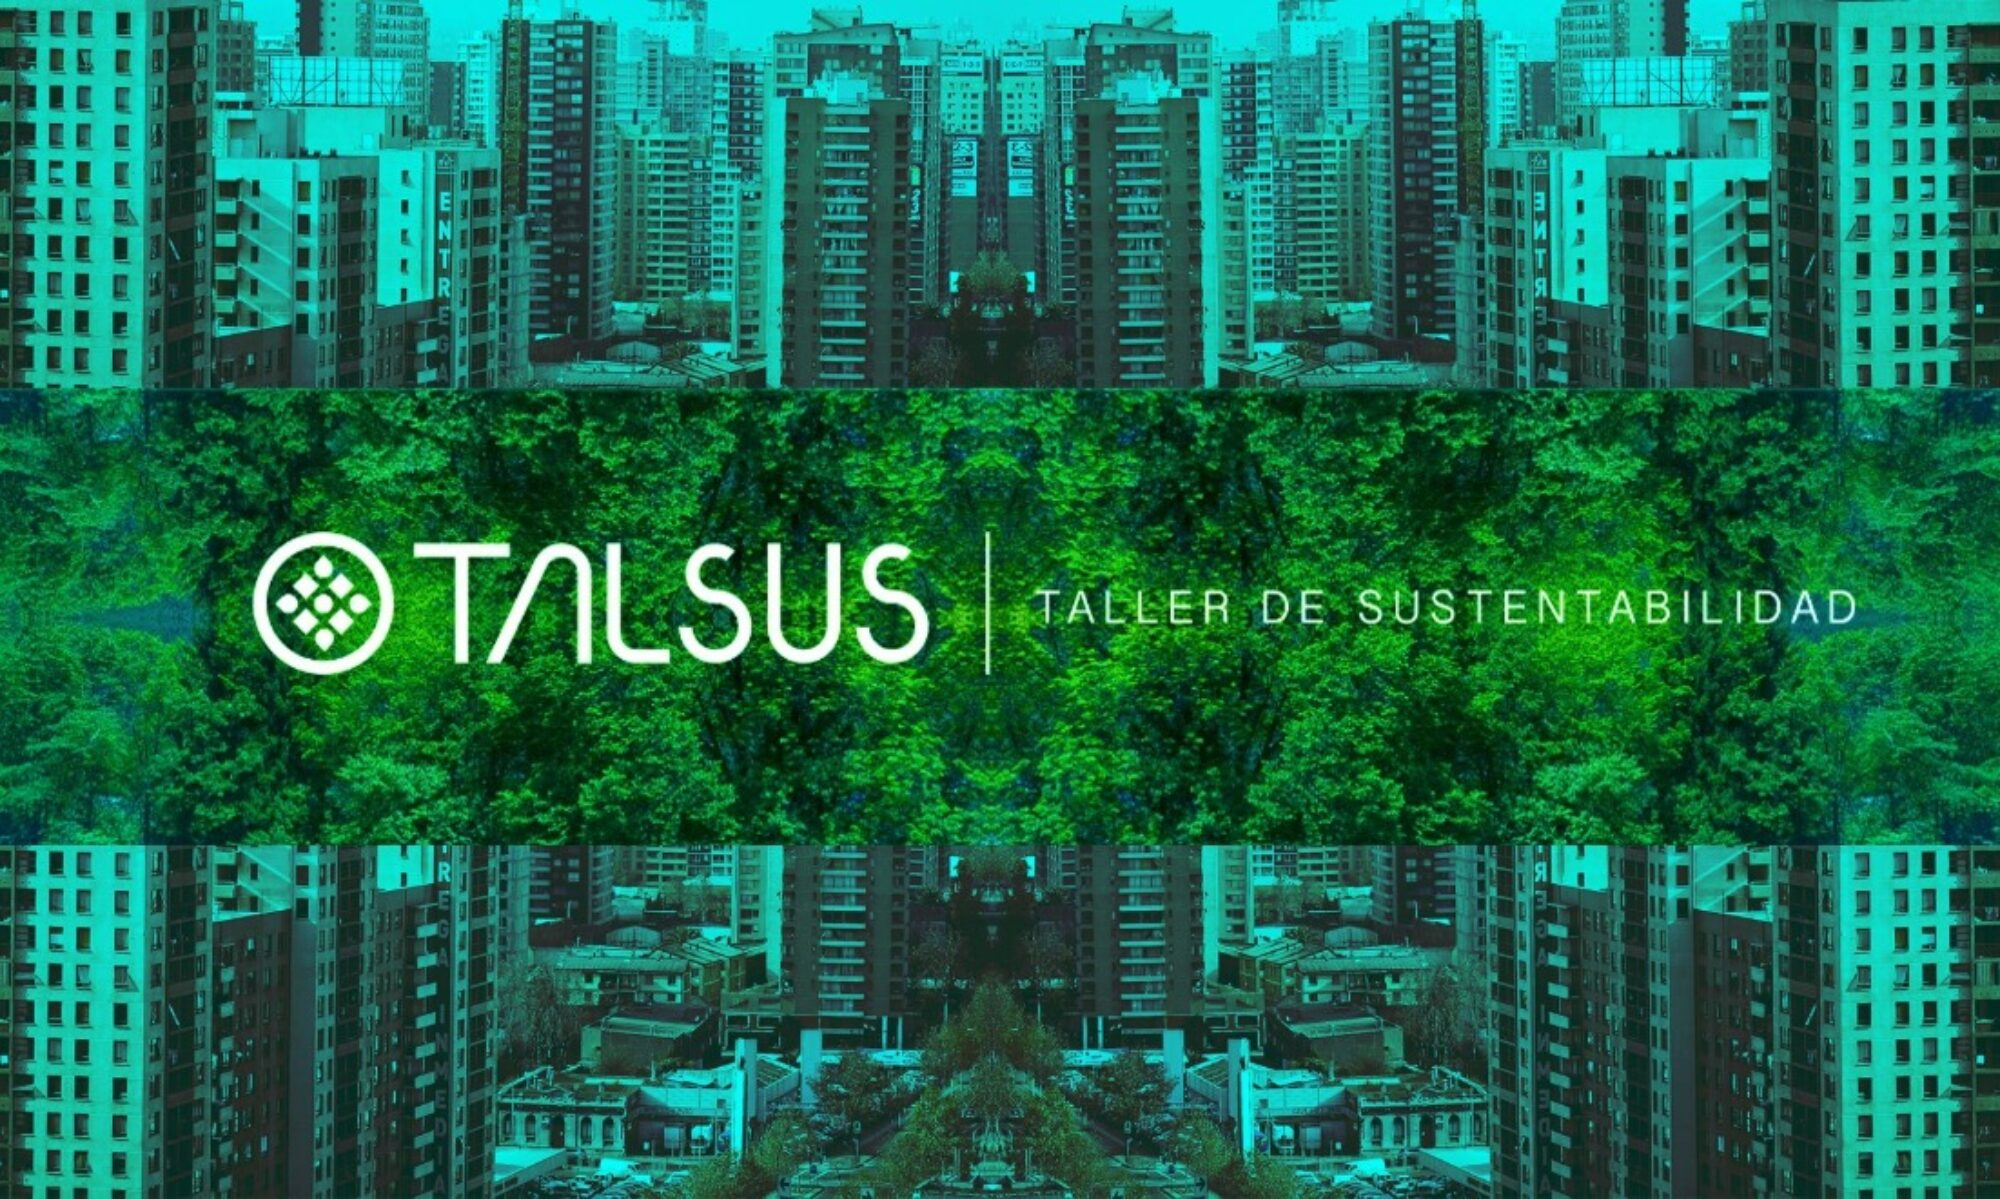 Talsus